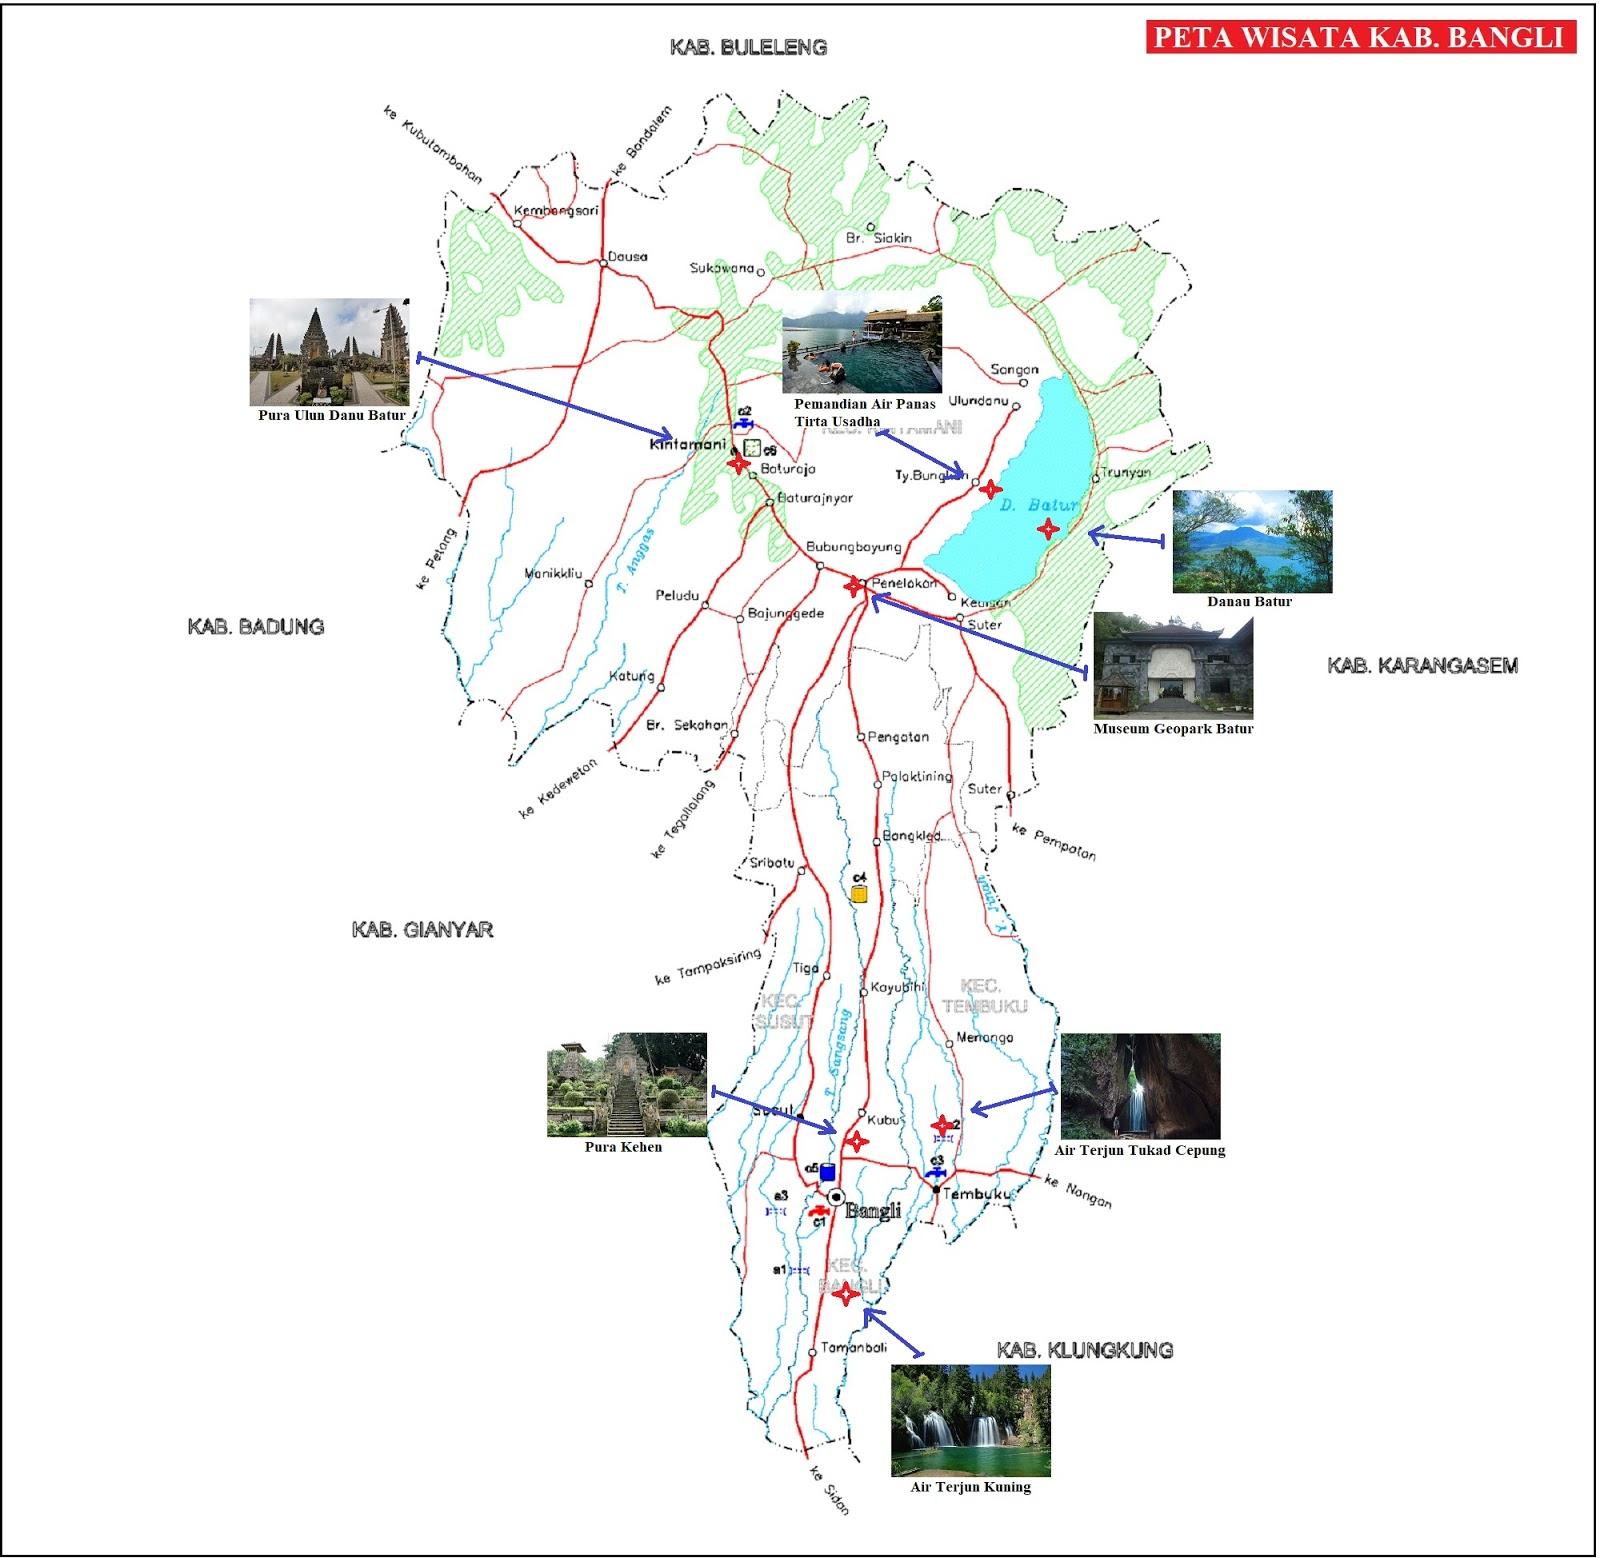 Peta Wisata Kabupaten Bangli